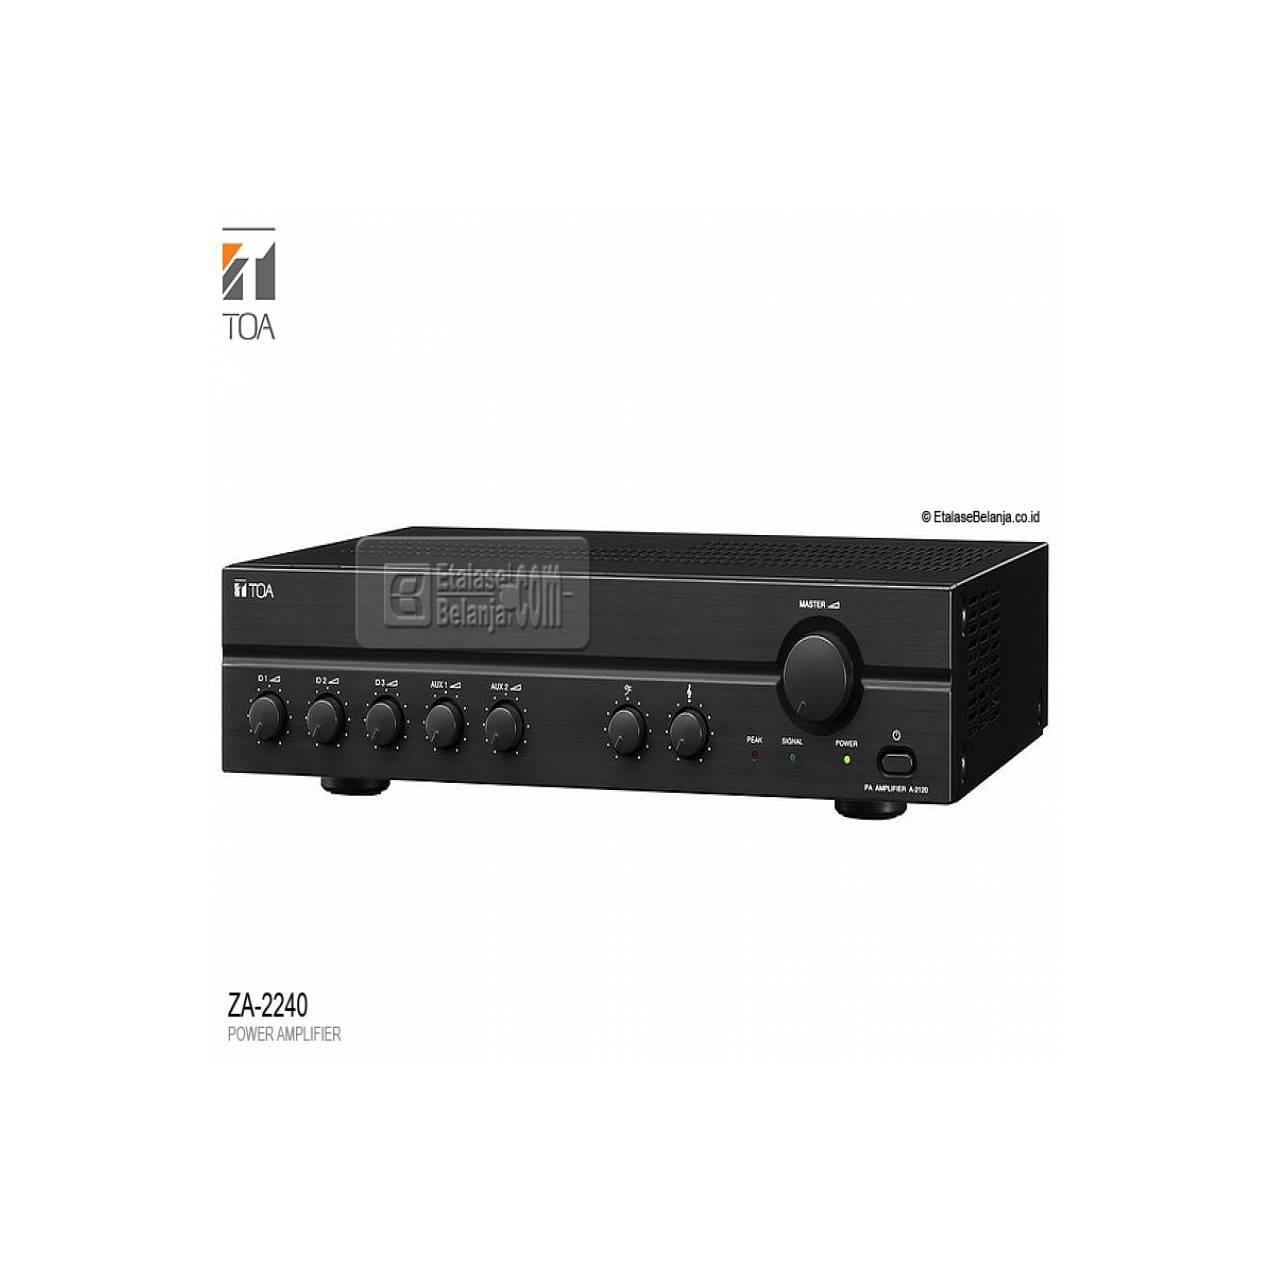 TOA ZA-2240 - PA POWER MIXER AMPLIFIER 240 WATT